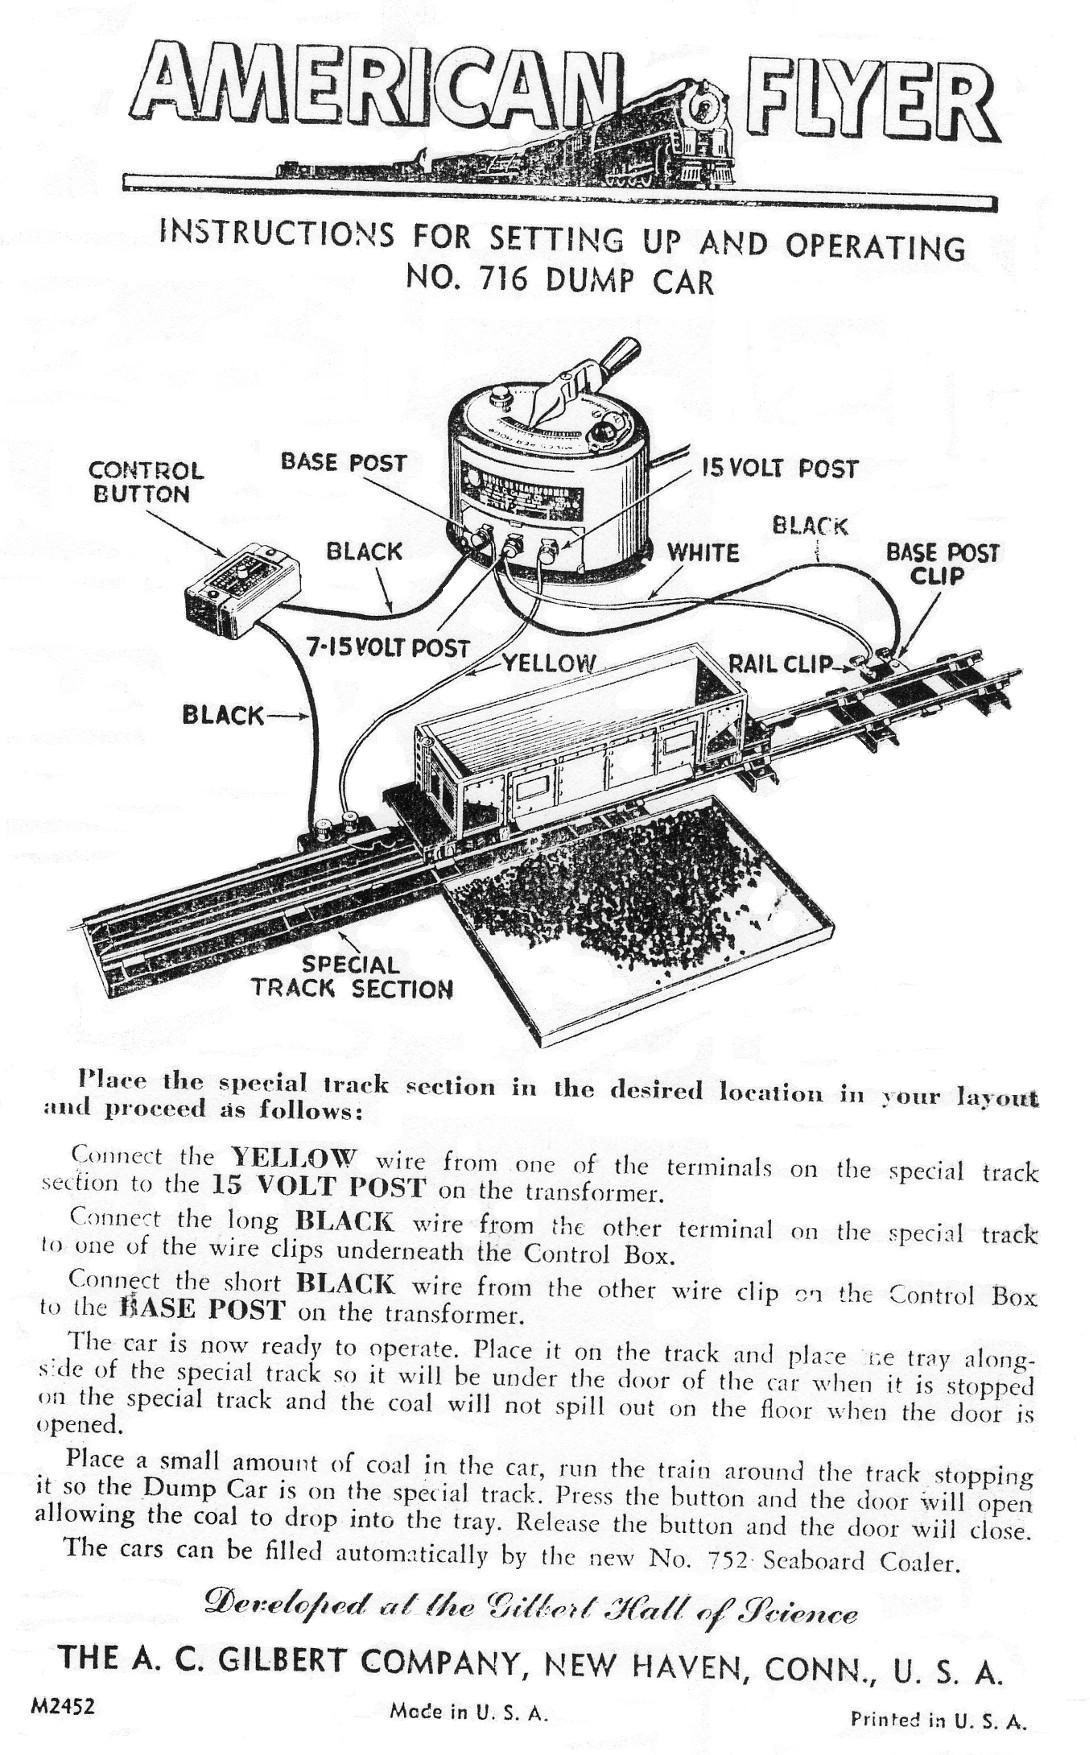 American Flyer Coal Dump Car 716 Instructions